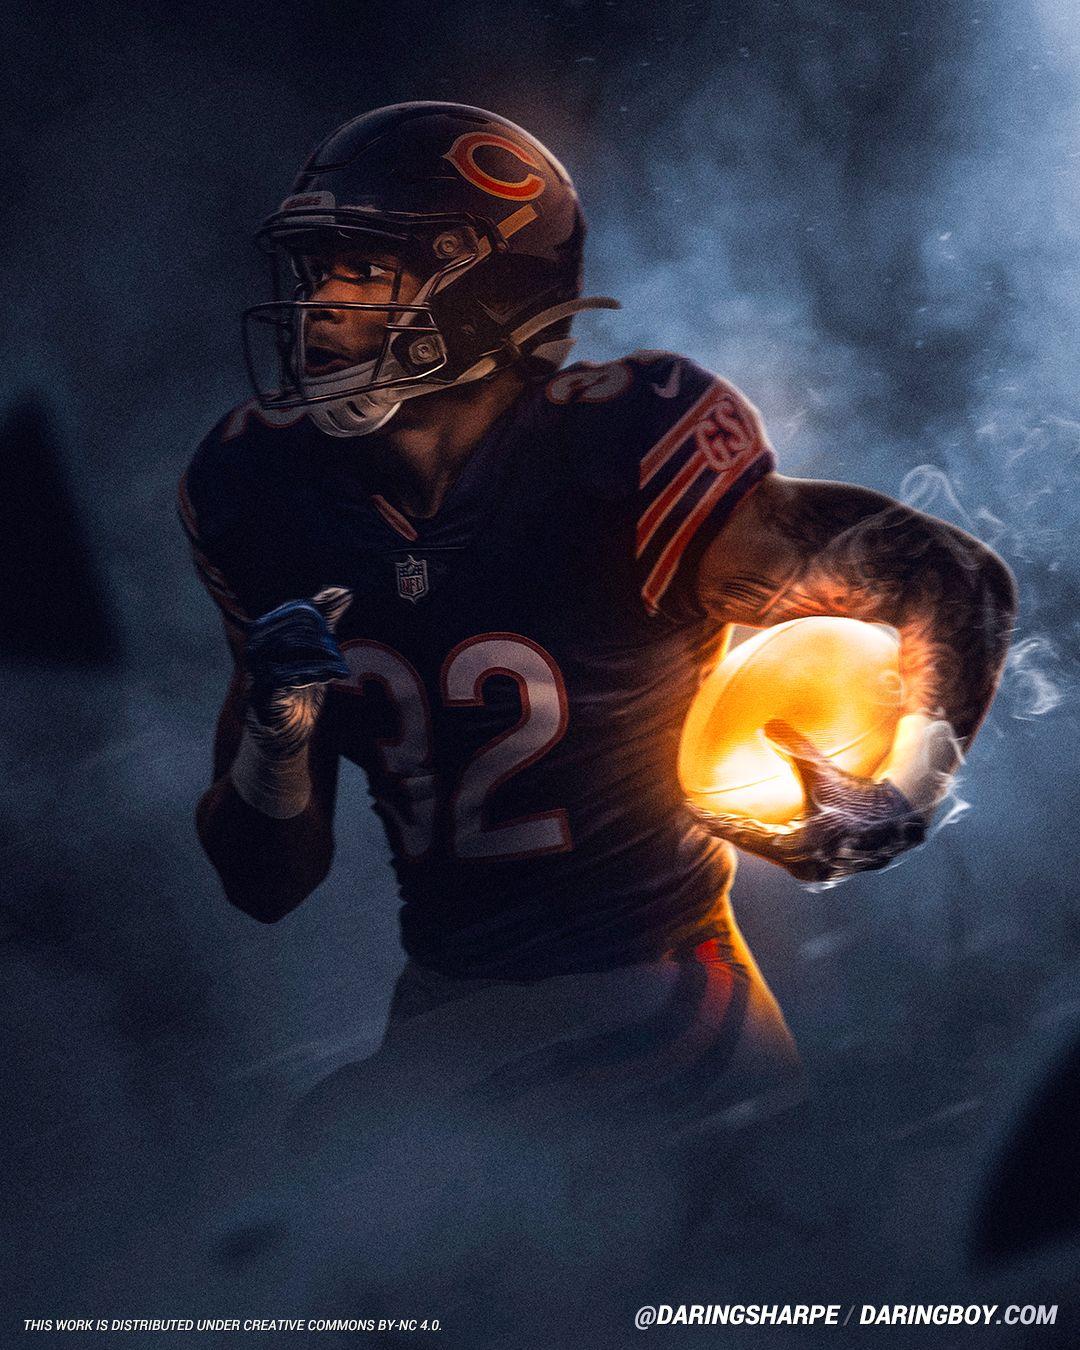 David Montgomery Chicago Bears Chicago Bears Pictures Chicago Bears Wallpaper Chicago Bears Football